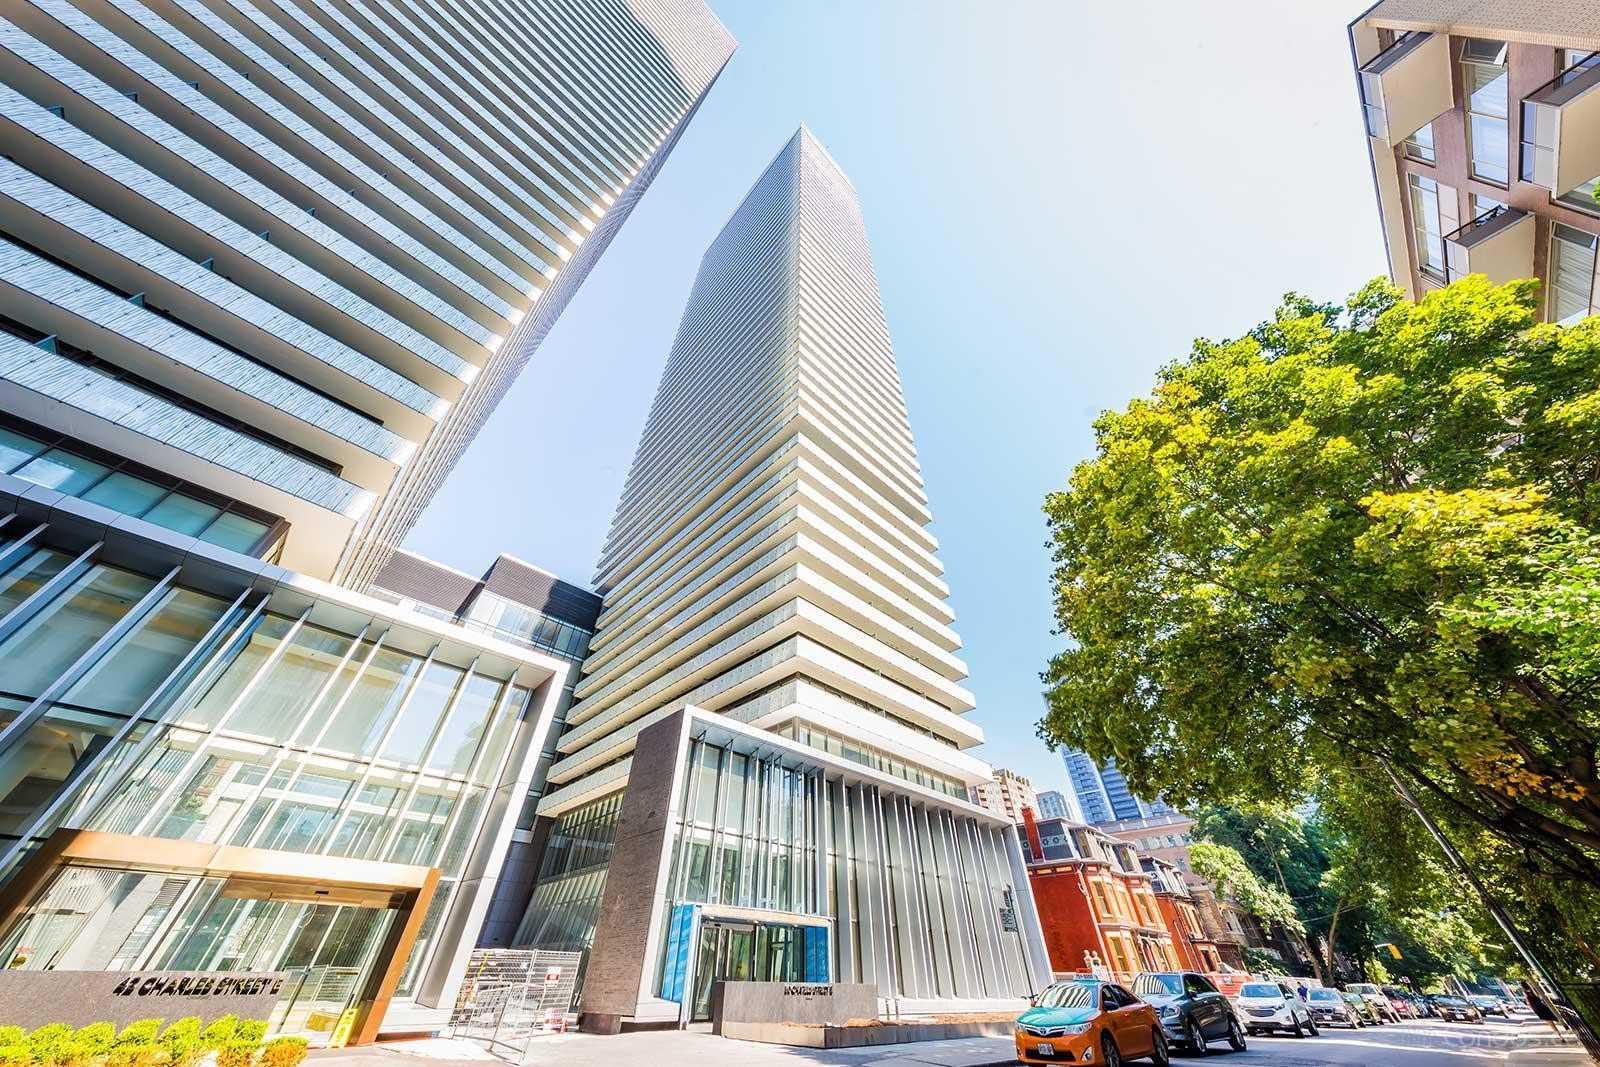 多伦多市中心一室公寓 – 50 Charles St E